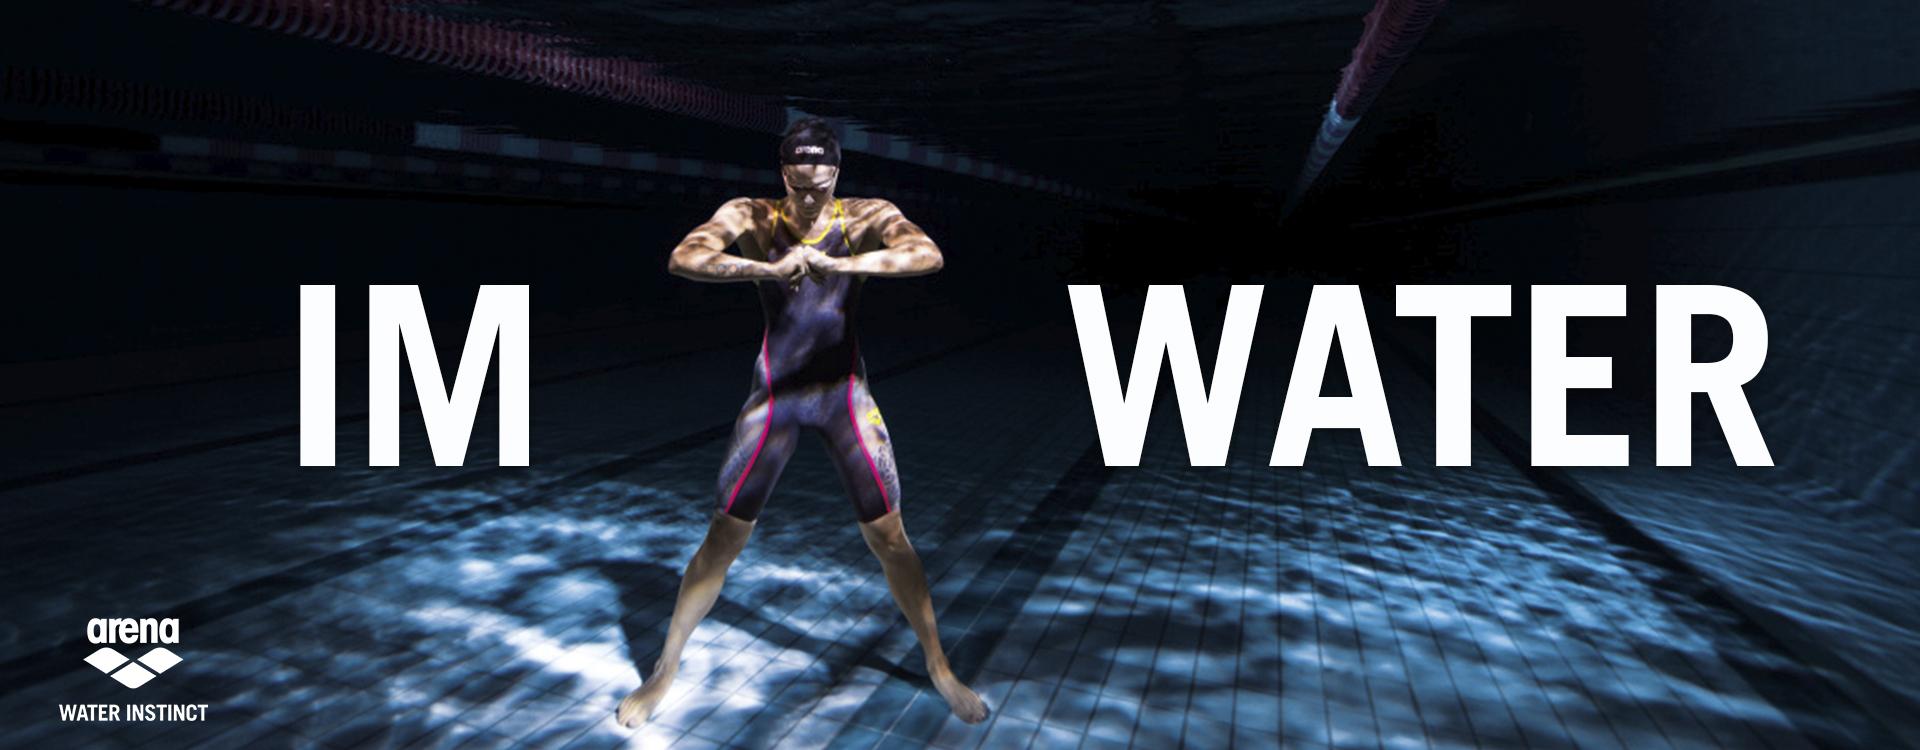 IM WATER arena Swim México I am water tienda en linea artículos para natación